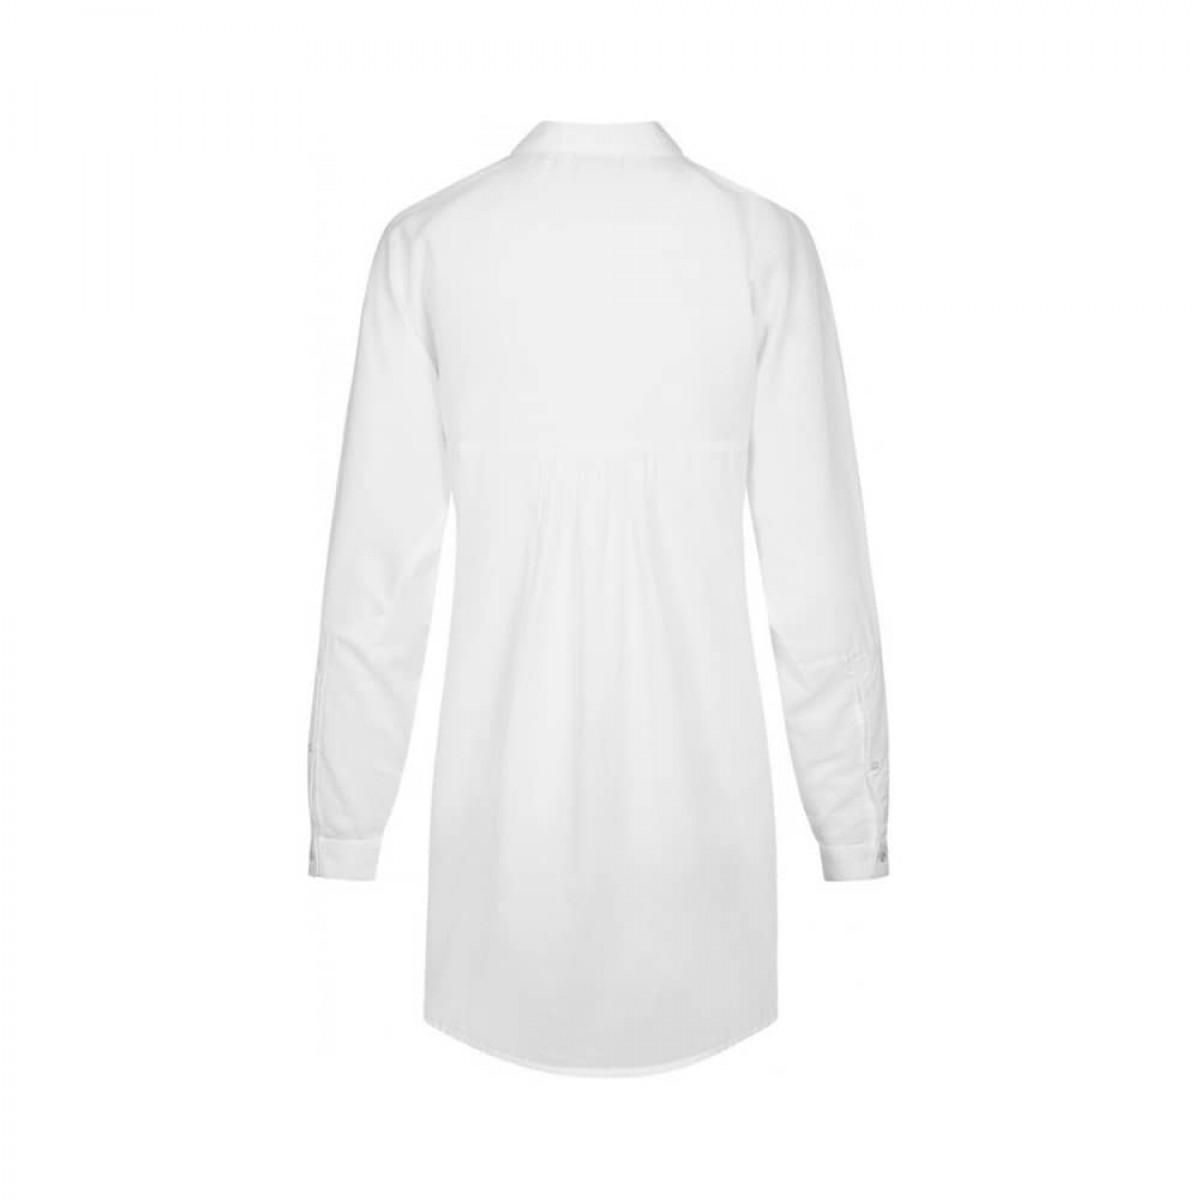 annie skjorte - white - ryggen